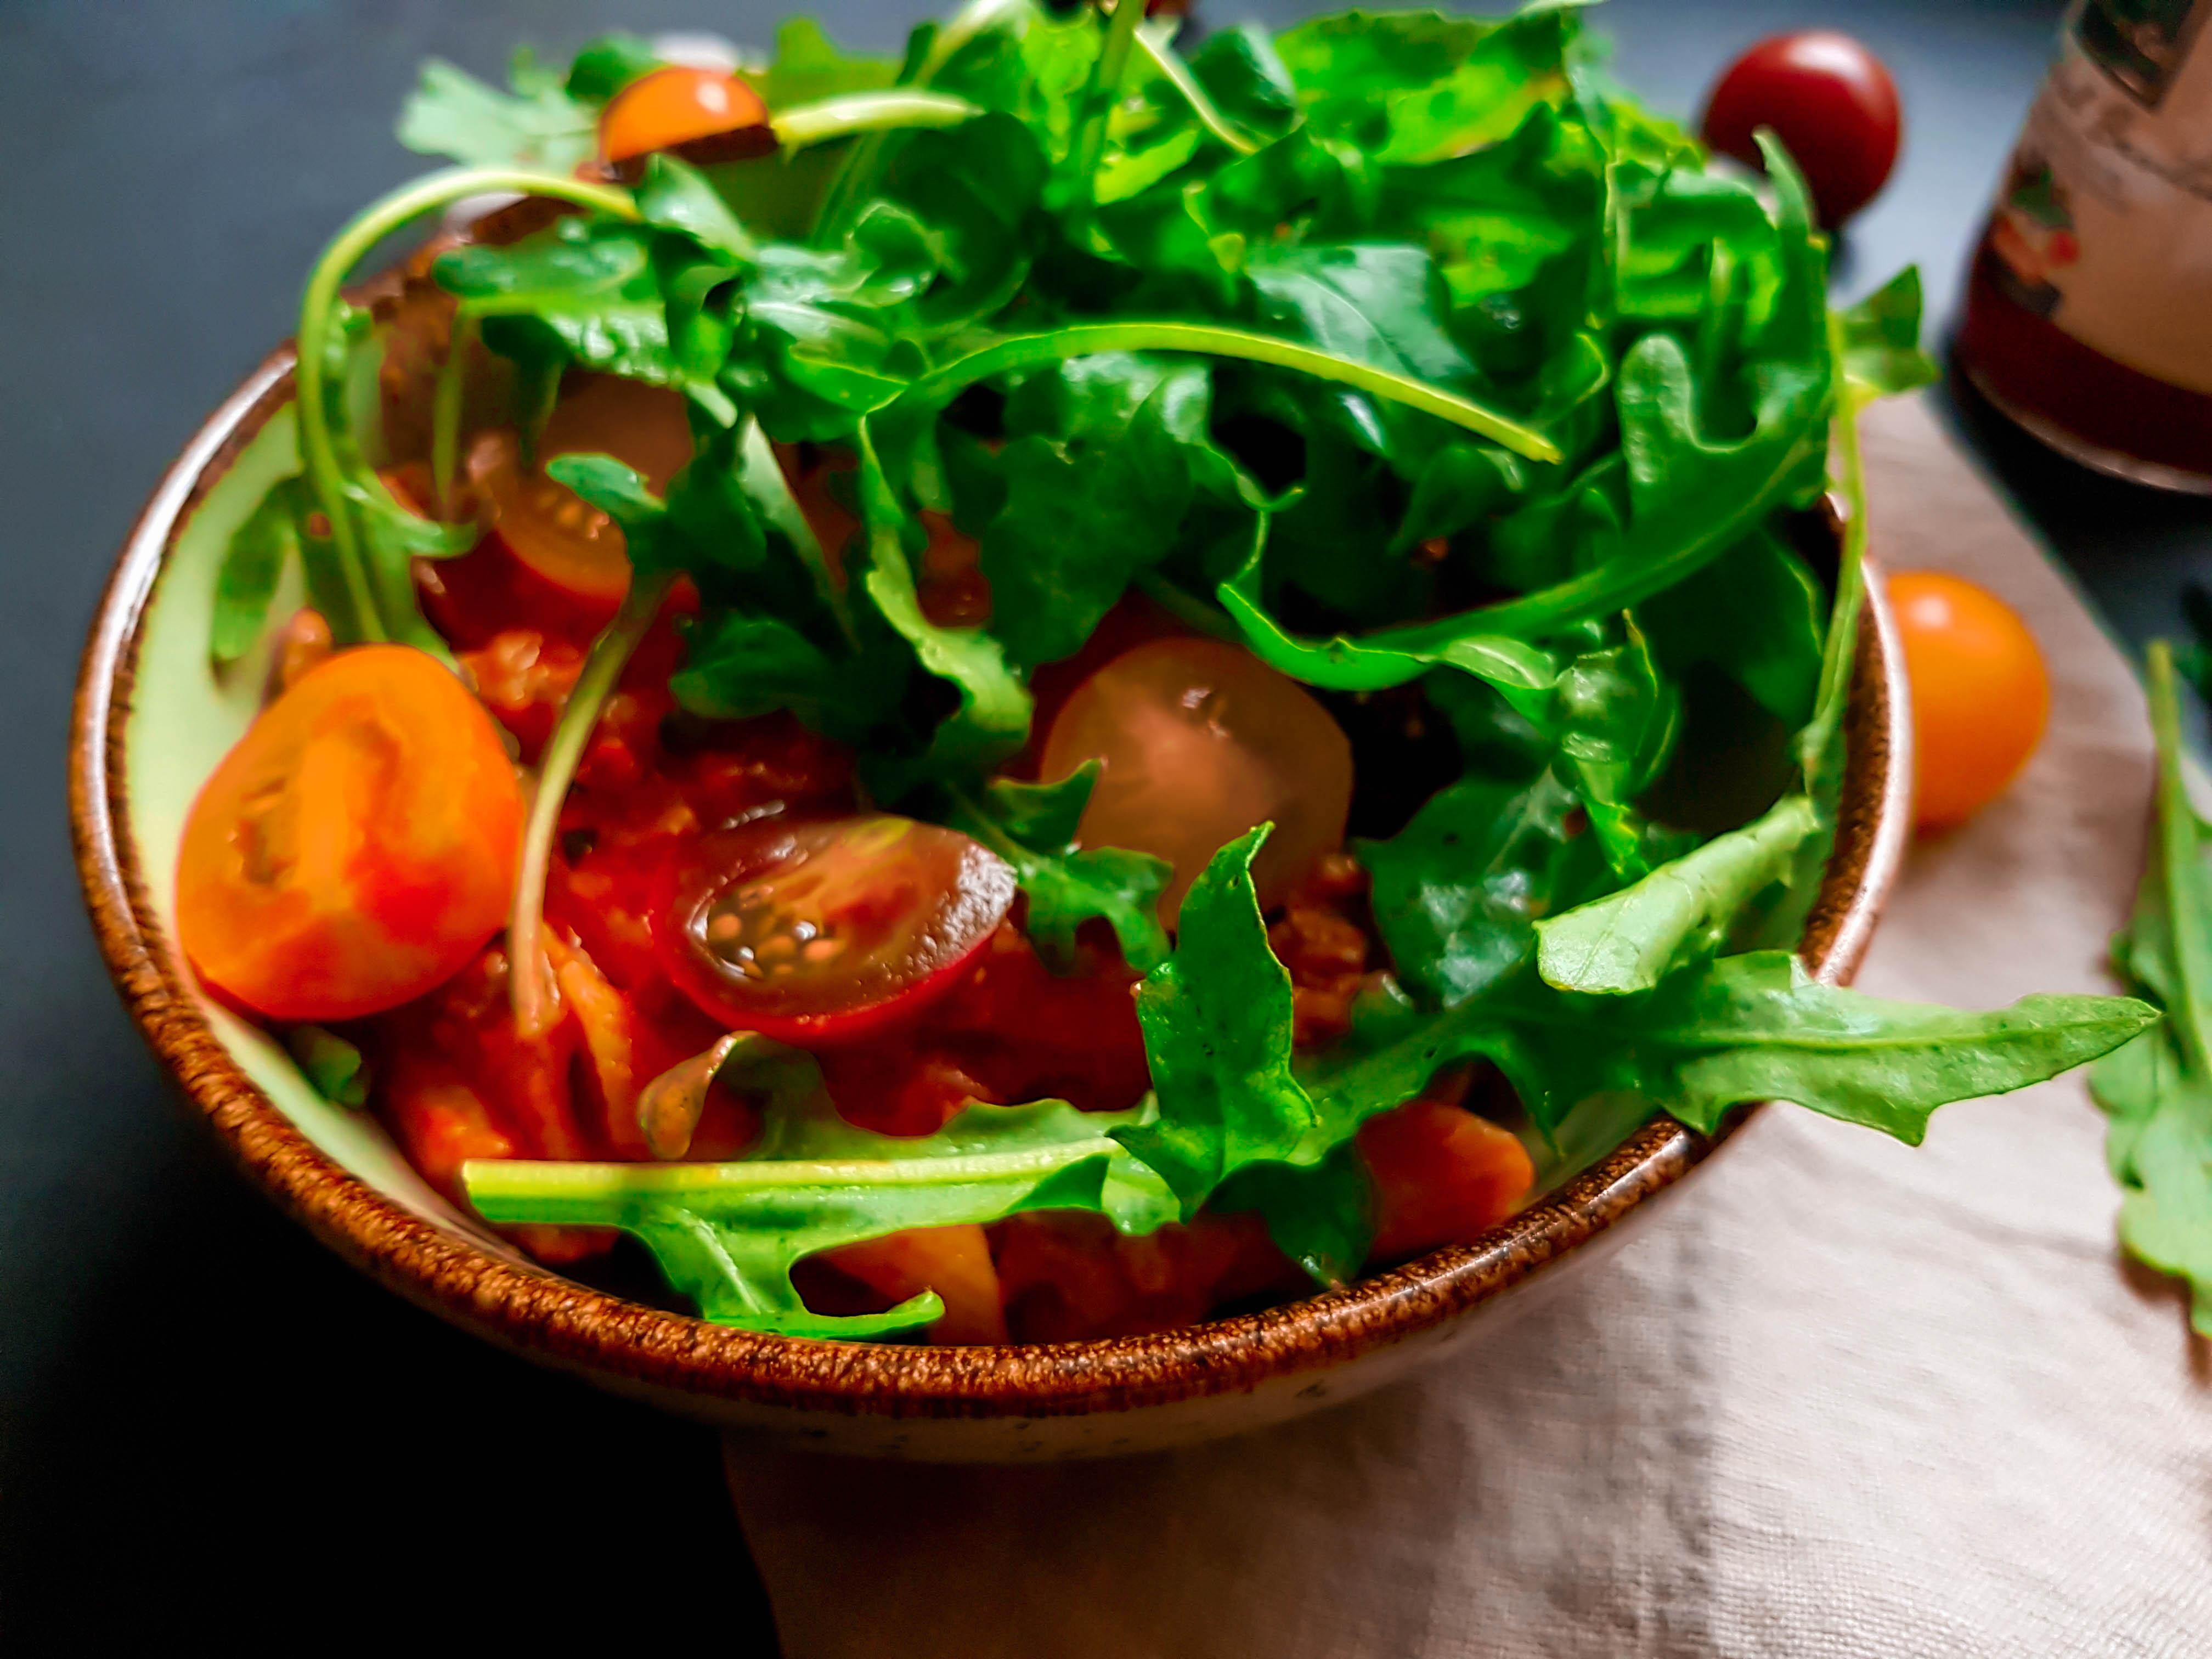 tomato creamy pasta with arugula